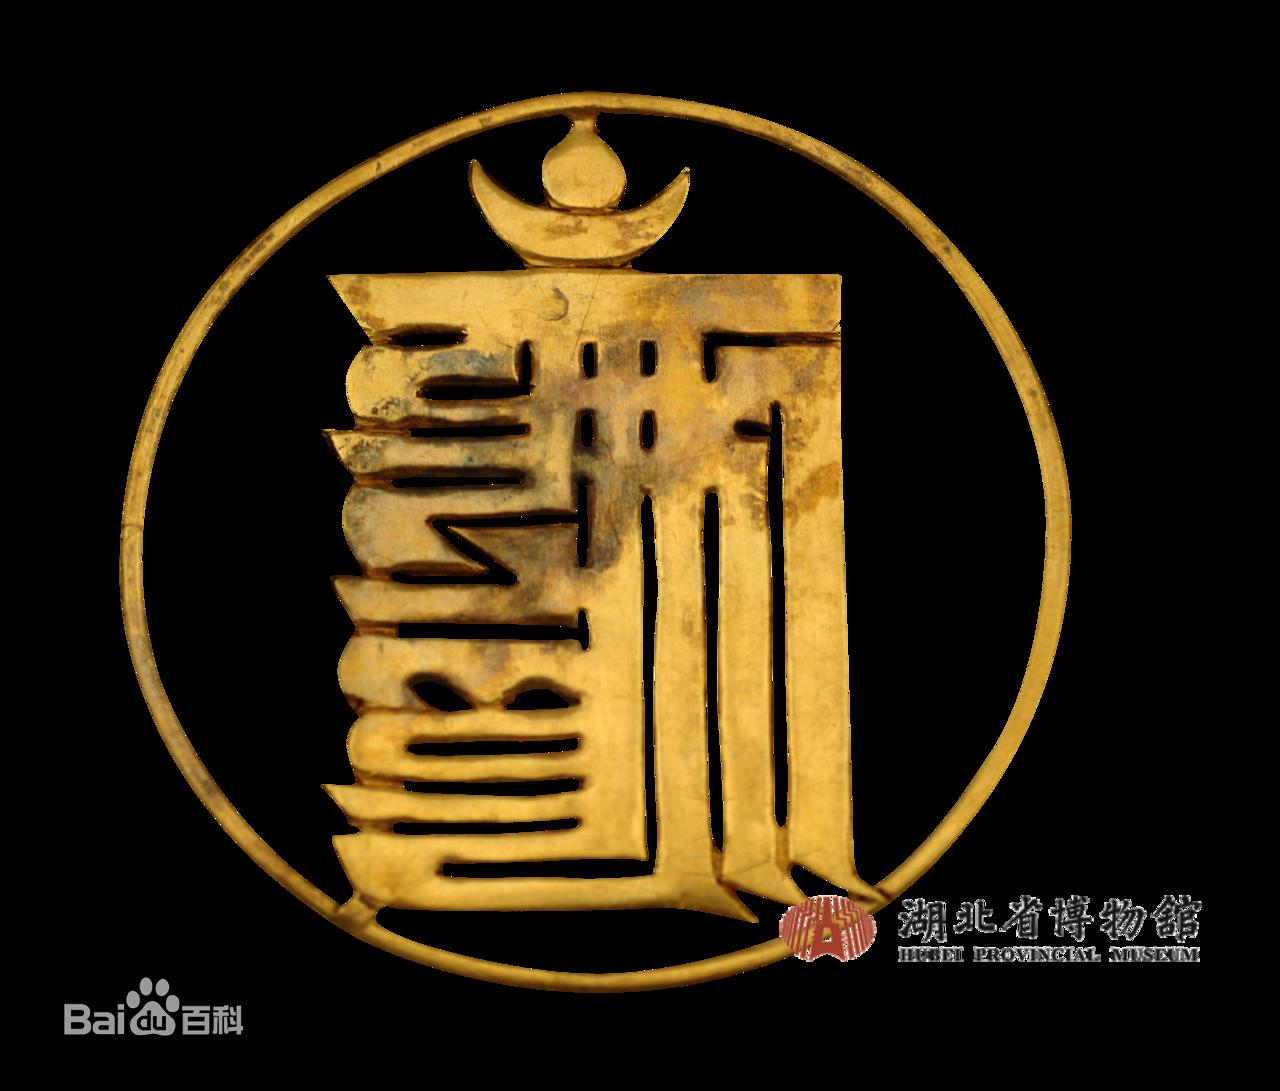 湖北省博物馆明金时轮金刚曼荼罗咒牌复制品